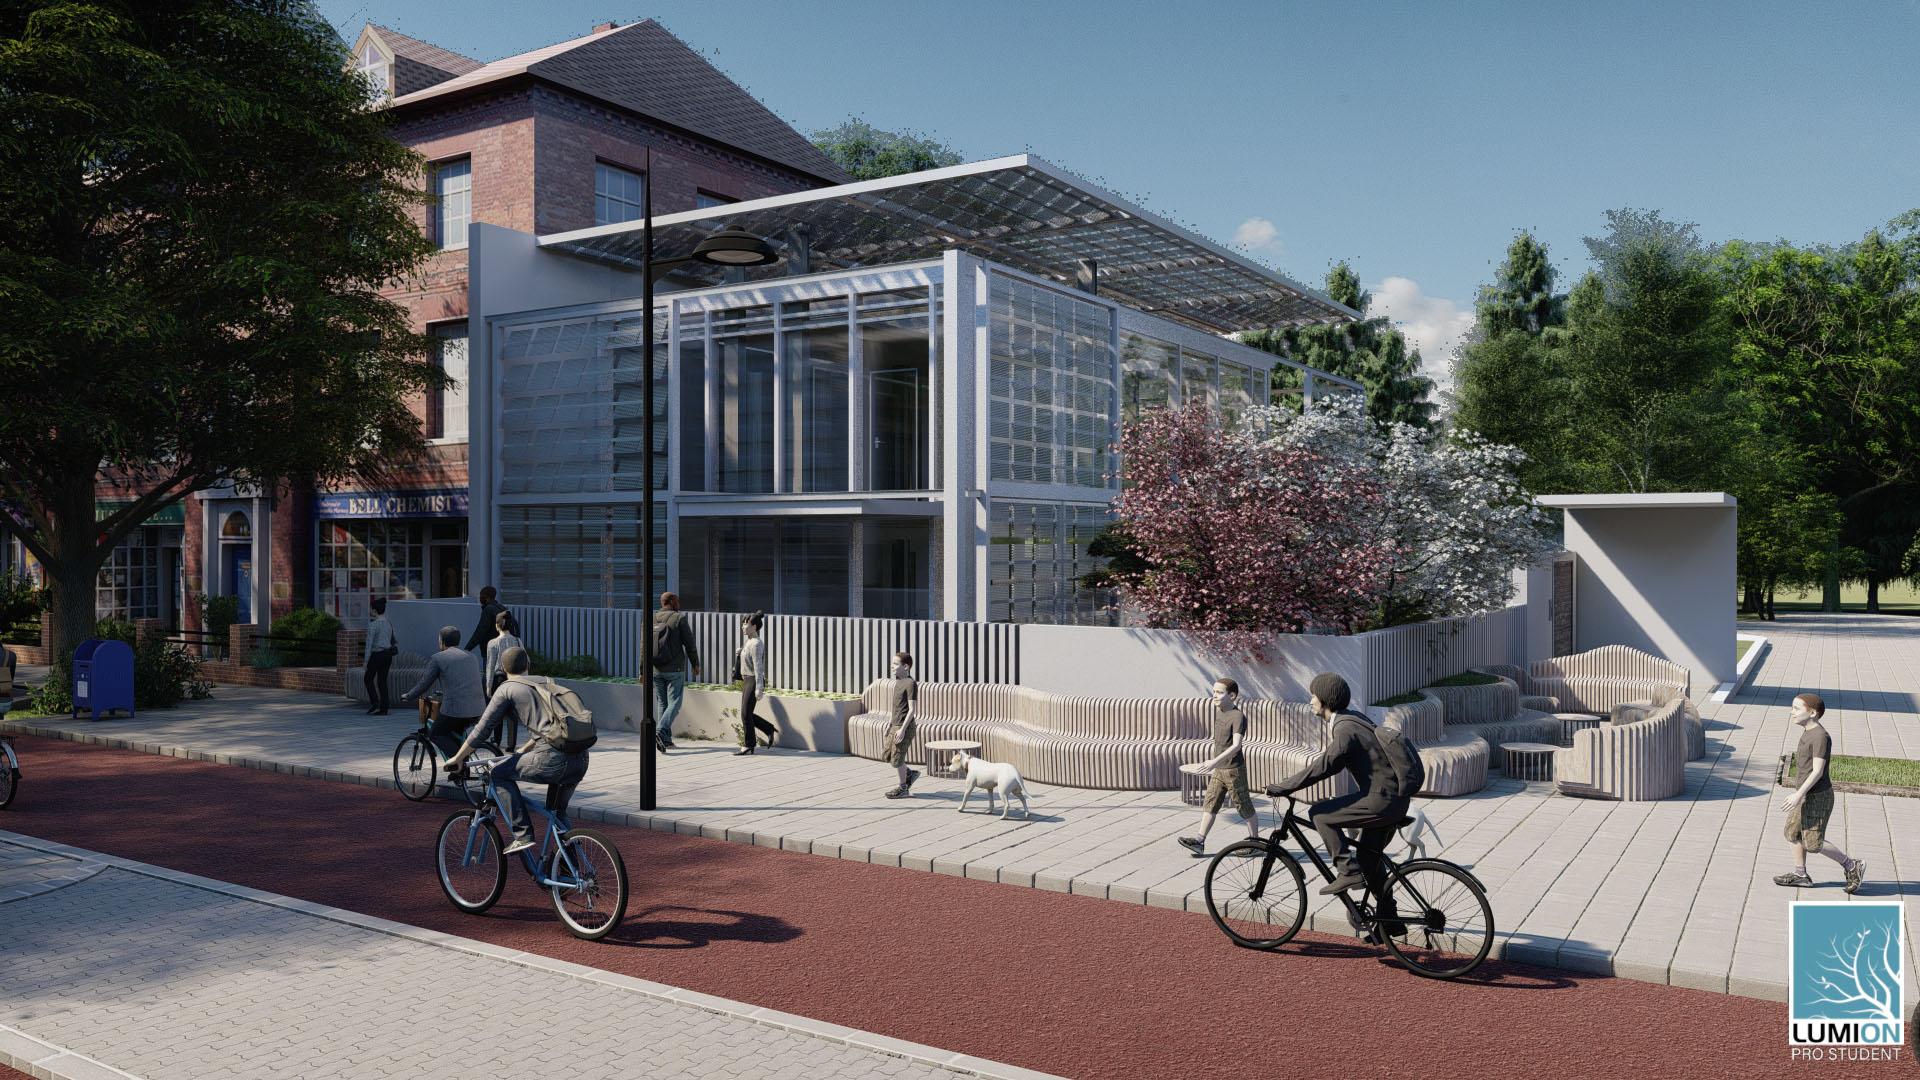 RENDER 3 Schiebehaus Studente Lorenzo Fortunato classe 3G architettura prof. Anzalone